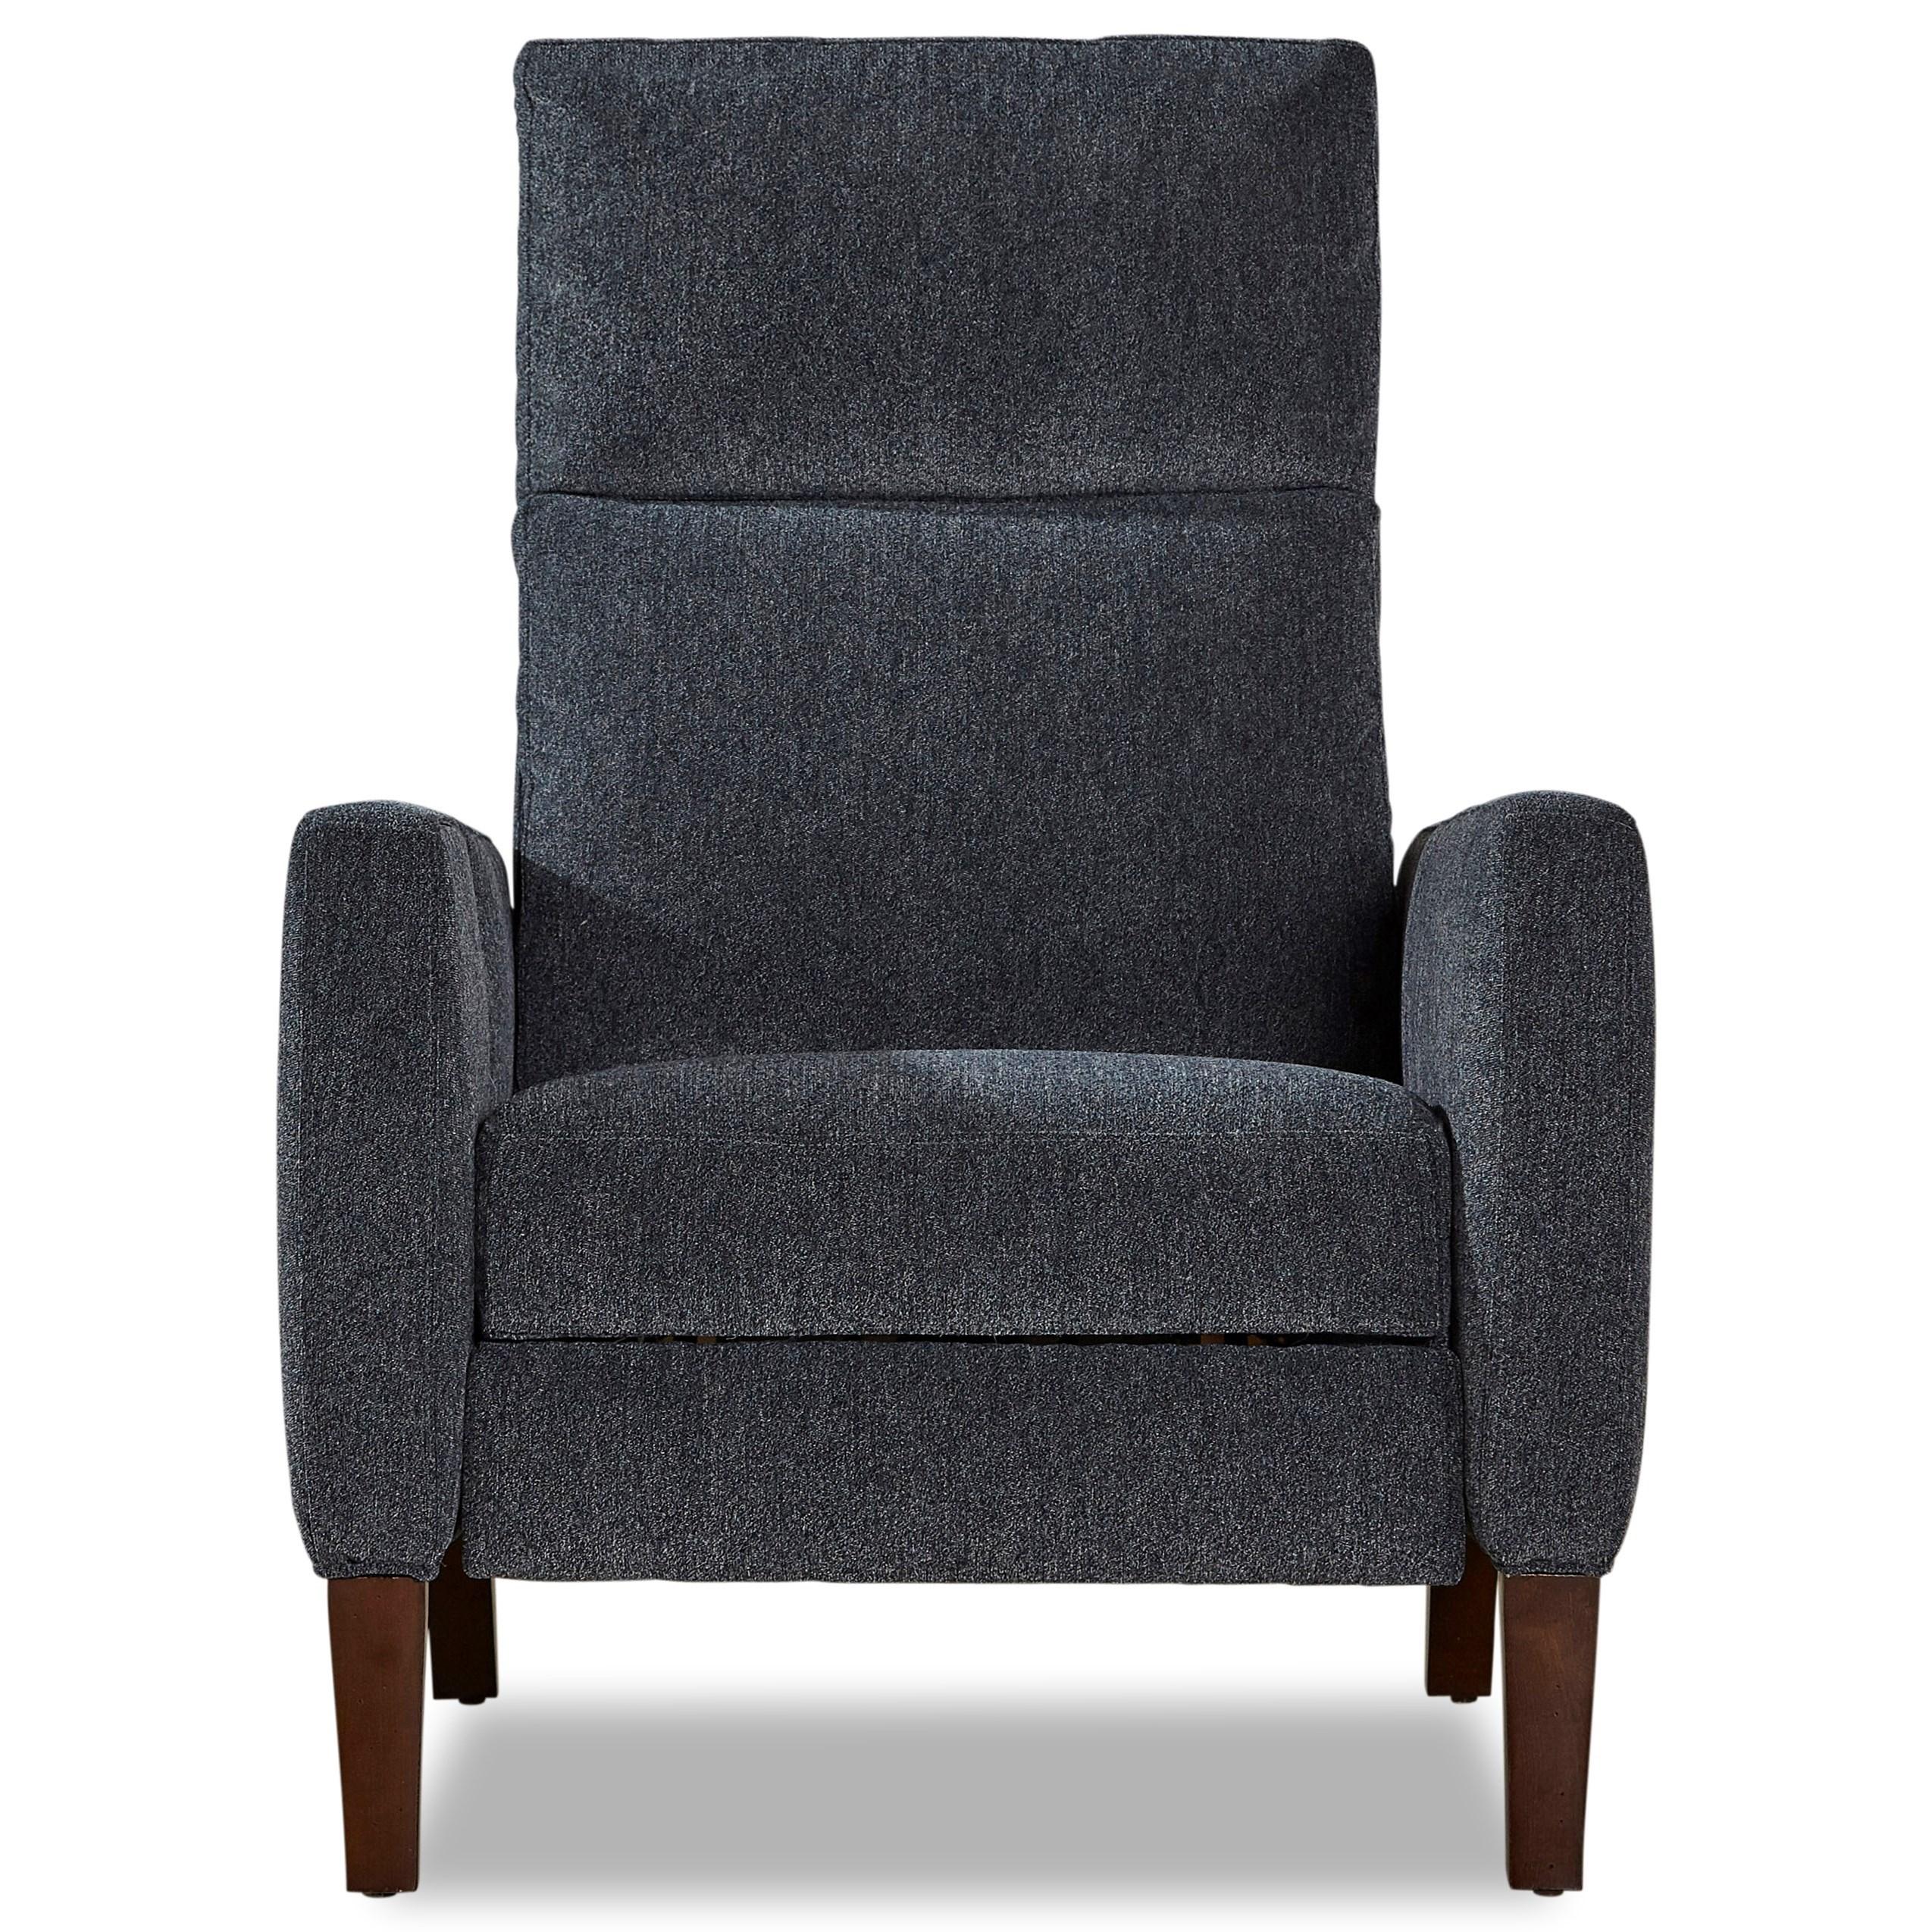 8120 Power High-Leg Recliner by Geoffrey Alexander at Sprintz Furniture